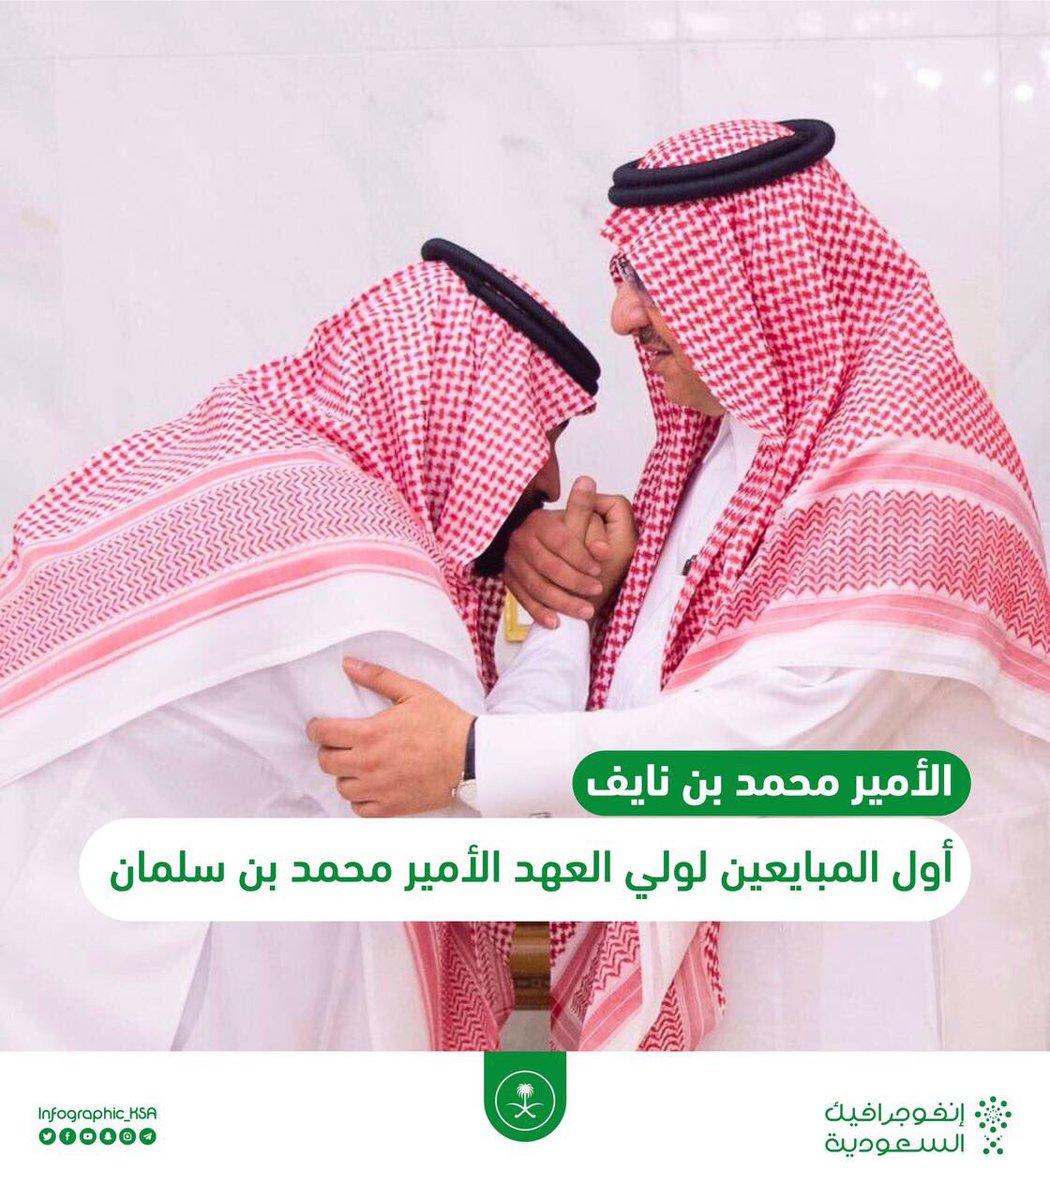 أصر الأمير #محمد_بن_نايف أن يكون أول المبايعين لولي العهد الأمير #محمد...